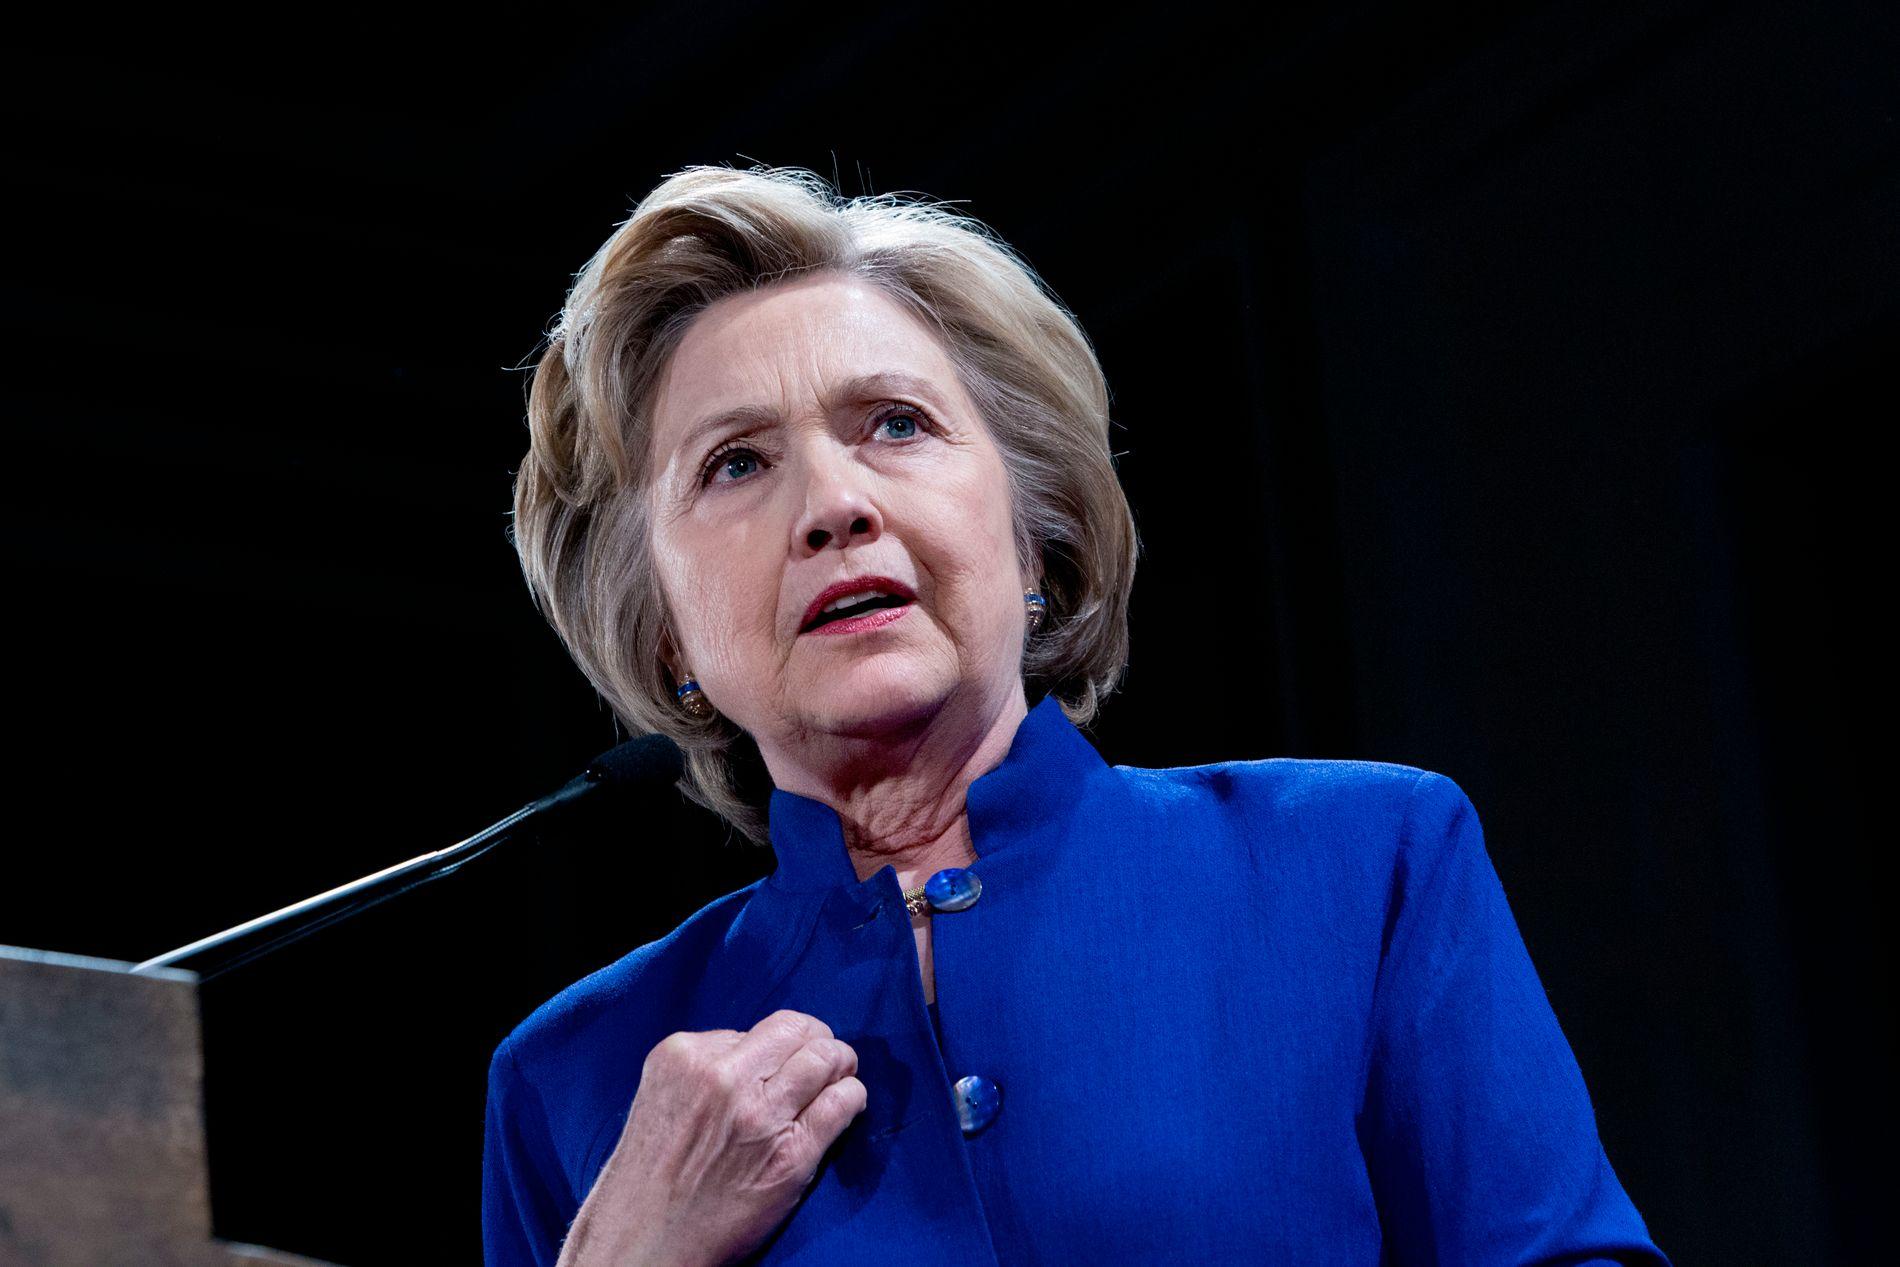 FORBEREDT: Hillary Clinton bruker mesteparten av tiden denne uken til å forberede seg til kamp mot Donald Trump, ifølge amerikanske medier. FOTO: THOMAS NILSSON/VG